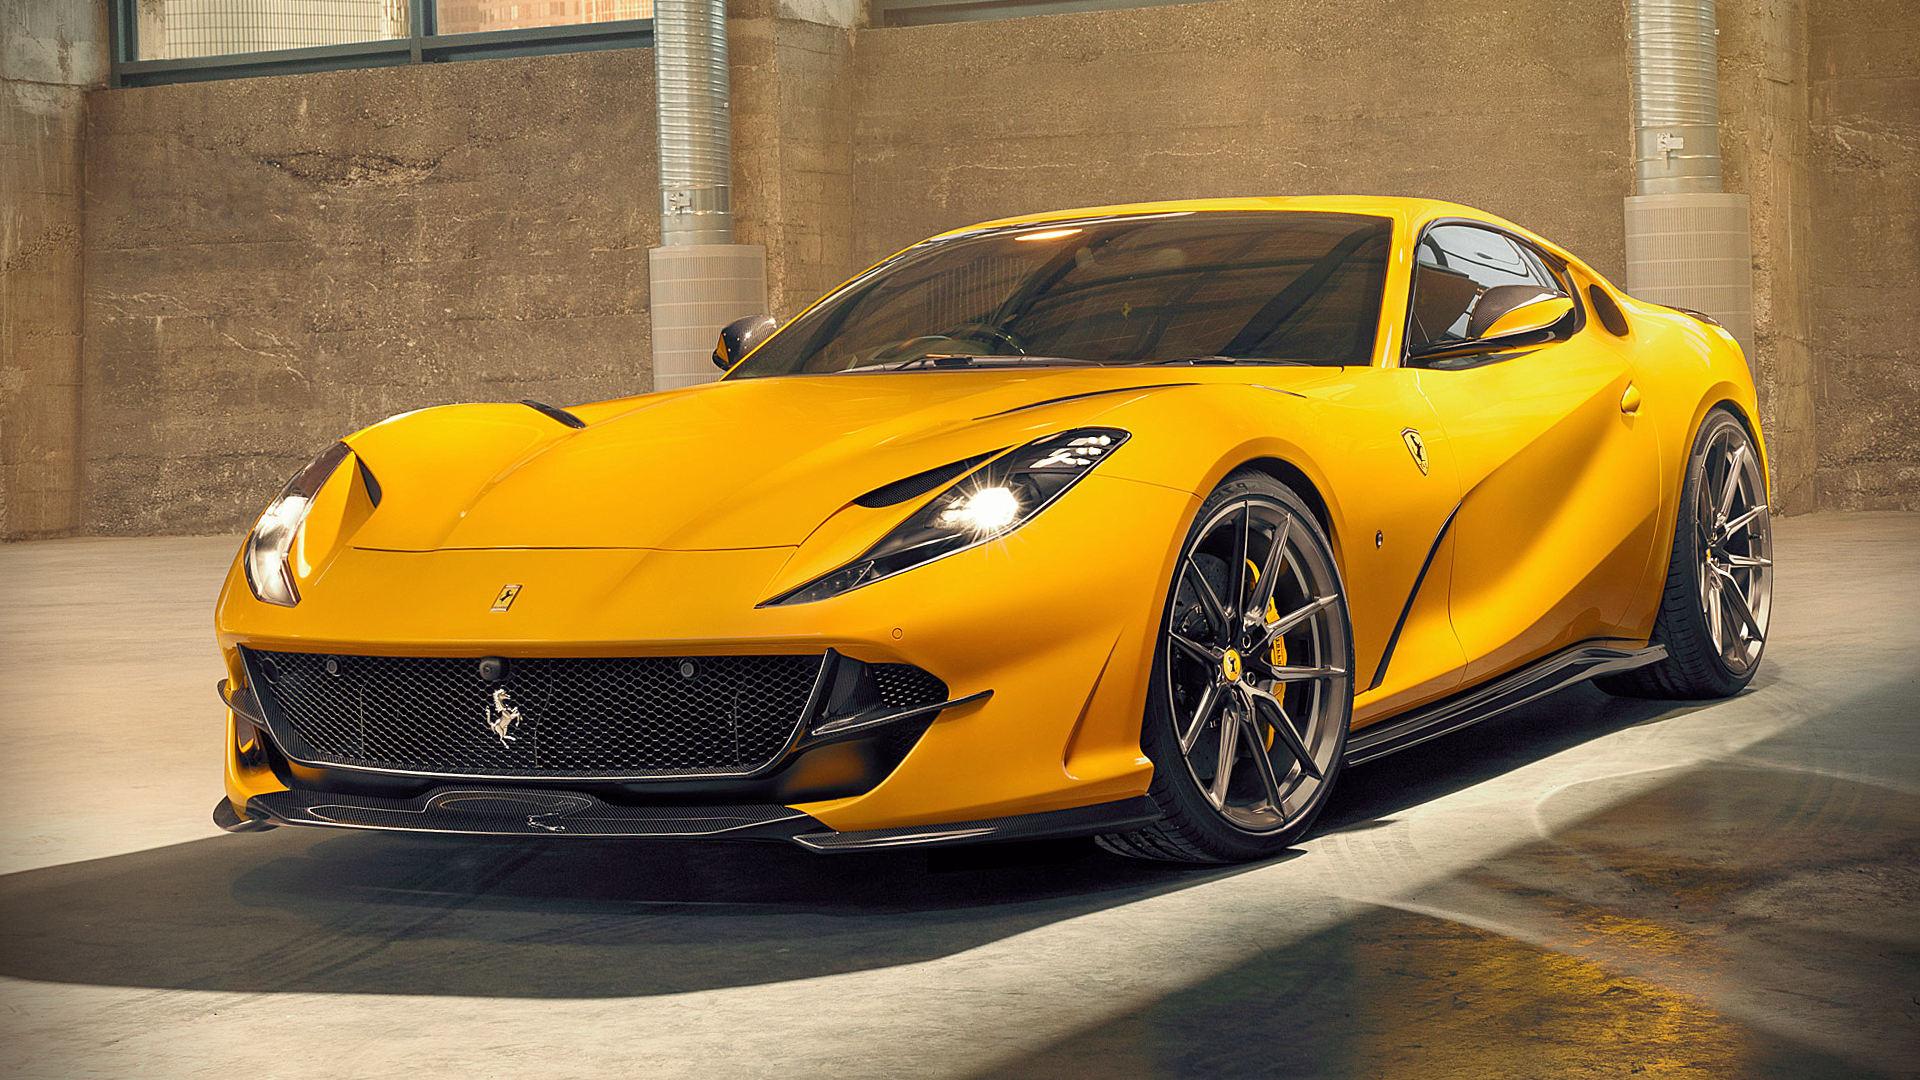 2019 Novitec Ferrari 812 Superfast